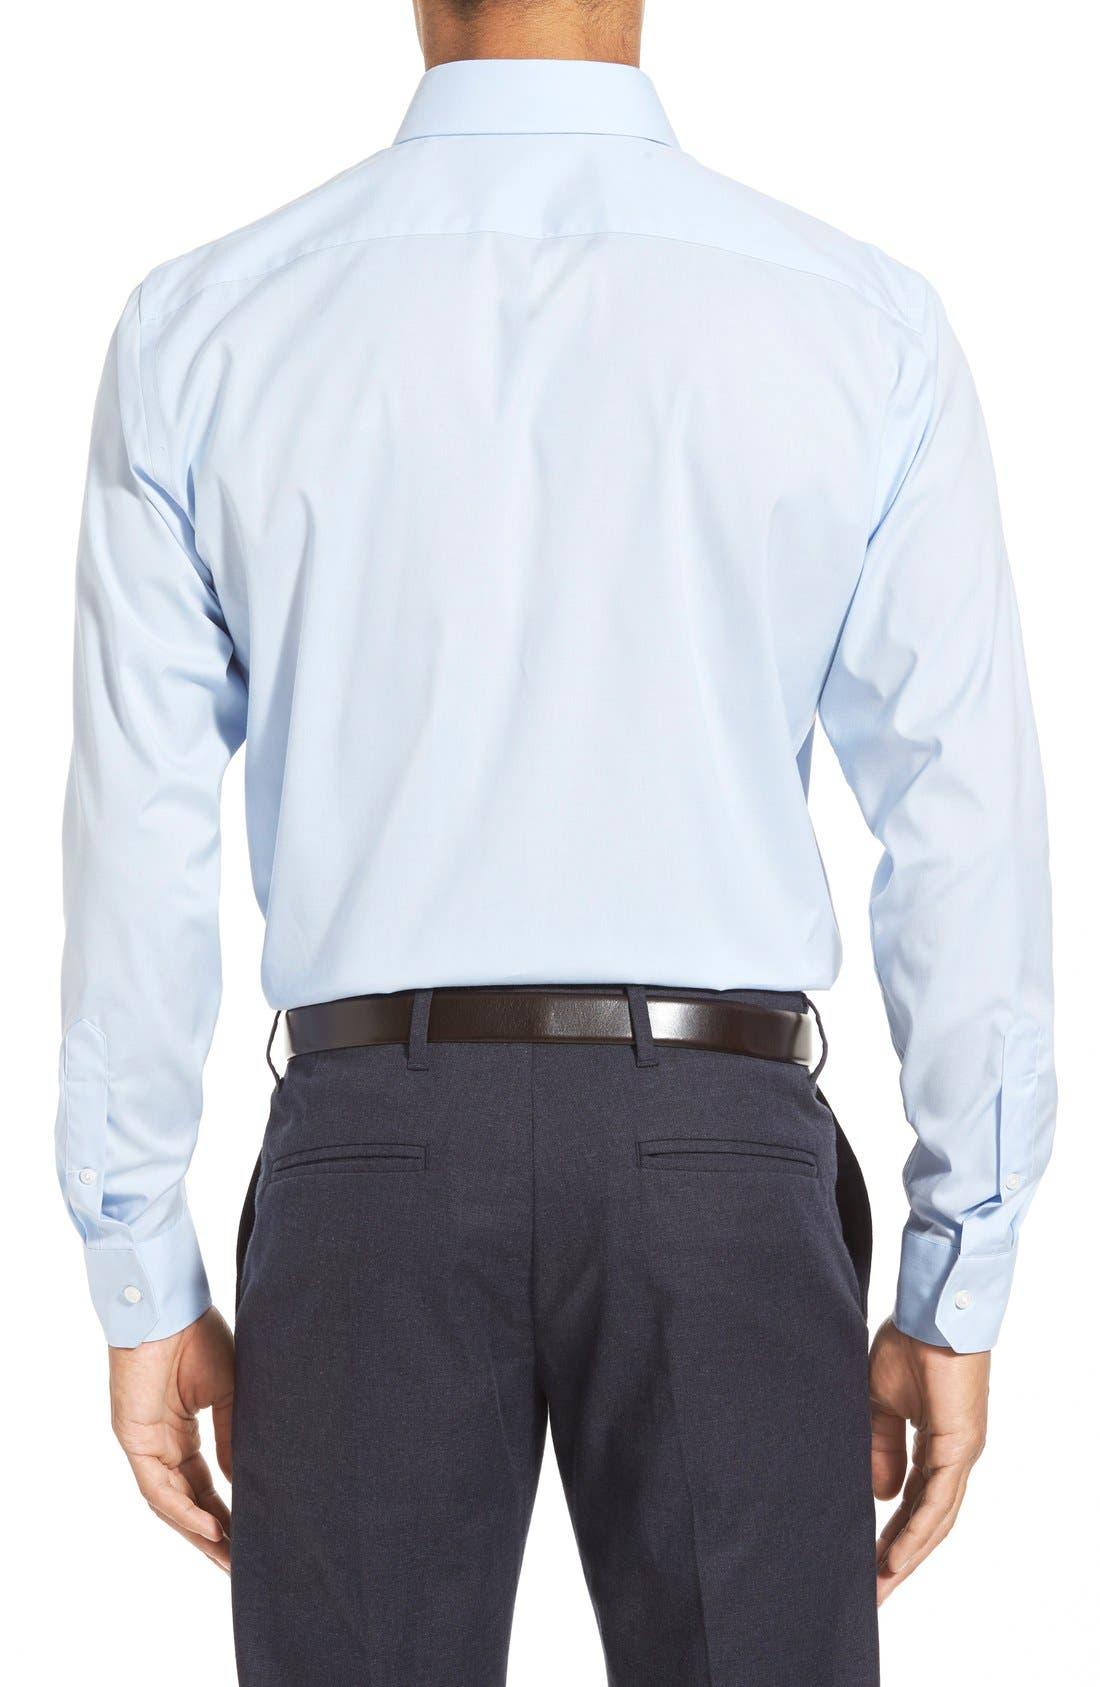 Alternate Image 3  - Calibrate Trim Fit Dress Shirt